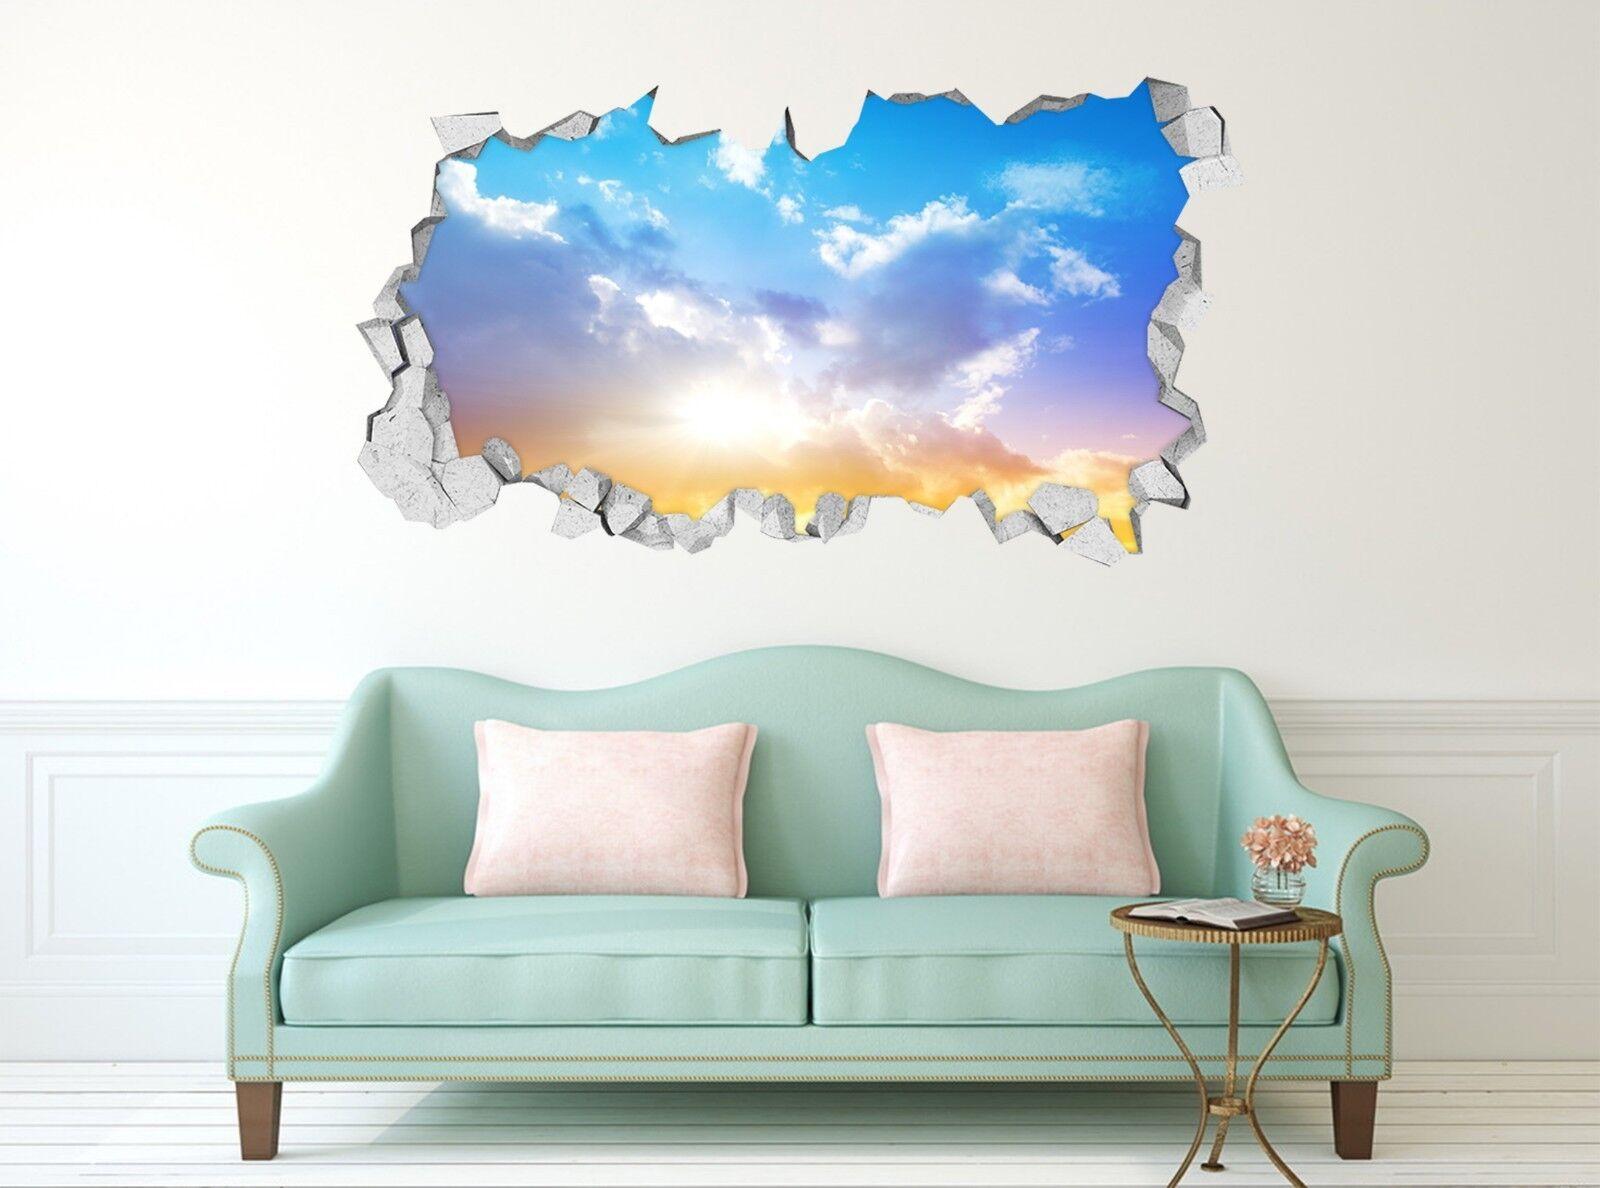 3D Helle Sonne 100 Mauer Murals Mauer Aufklebe Decal Durchbruch AJ WALLPAPER DE